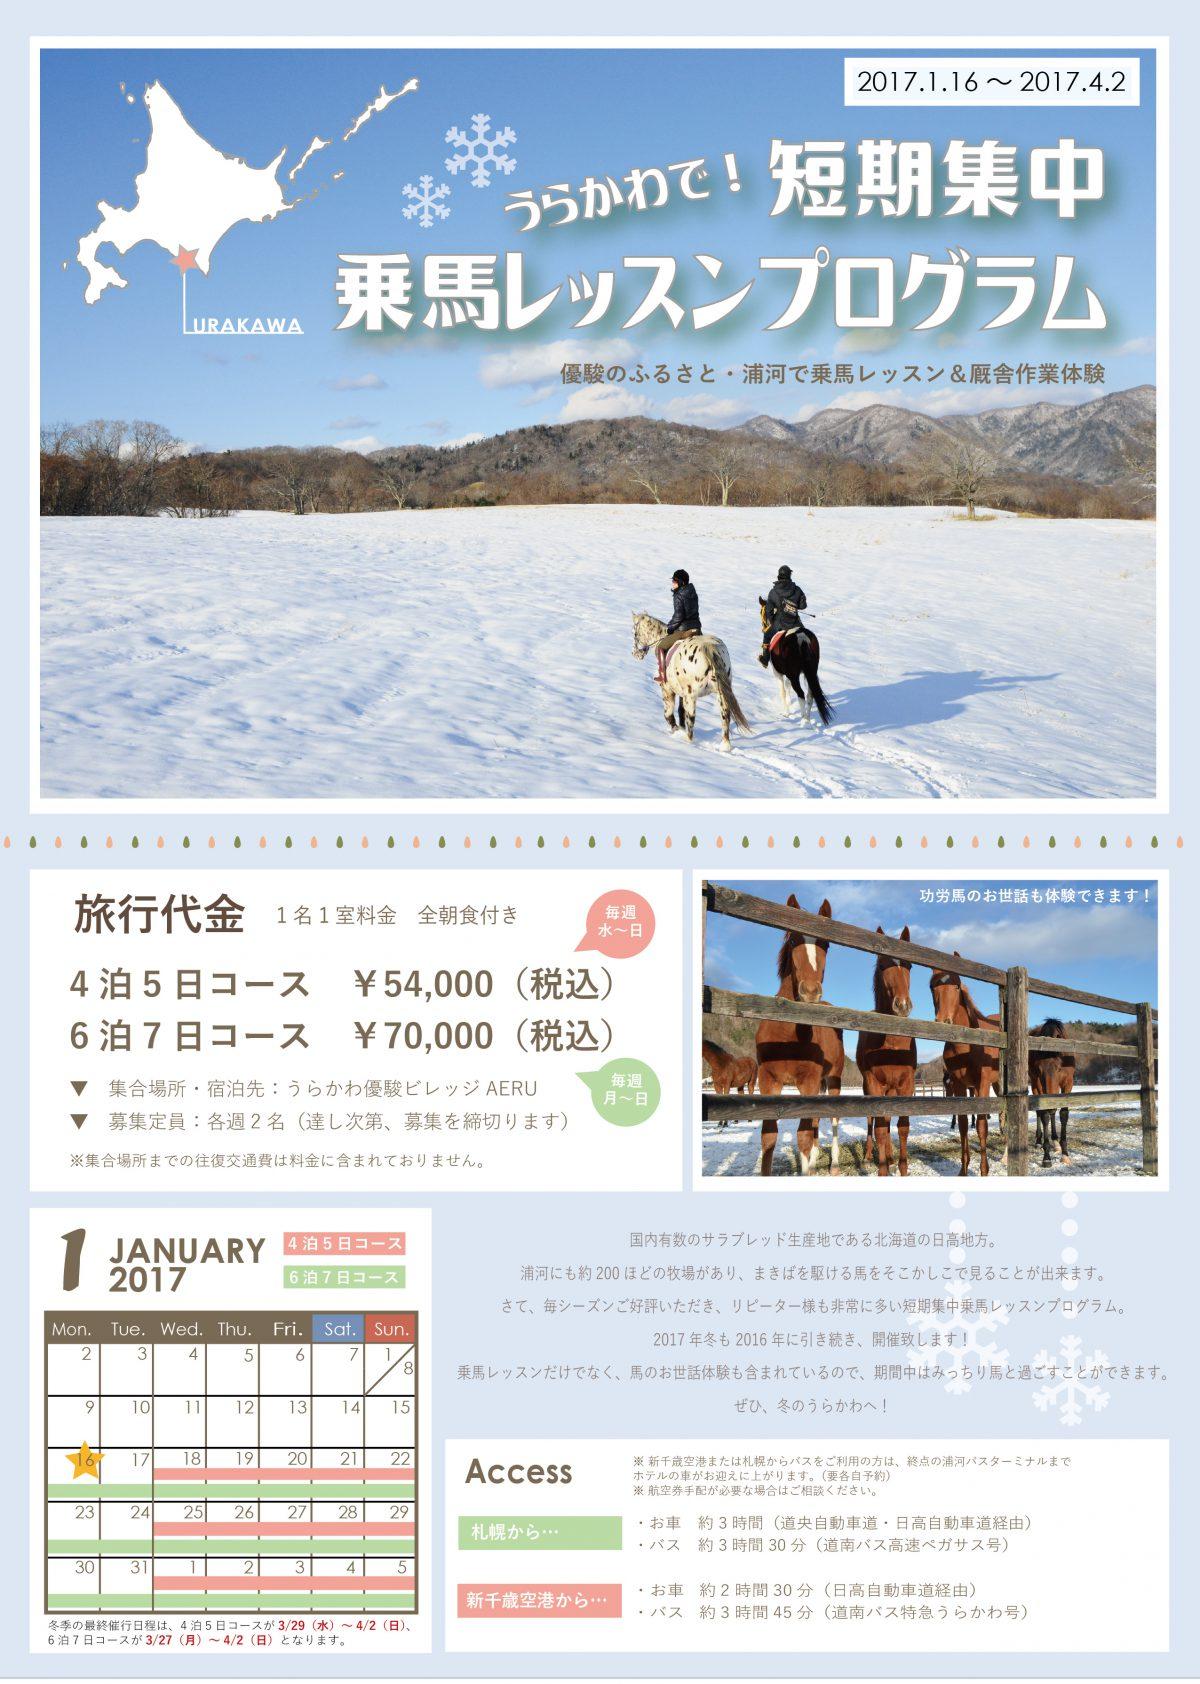 2017年冬・うらかわで短期集中乗馬レッスンプログラム 参加者募集中!